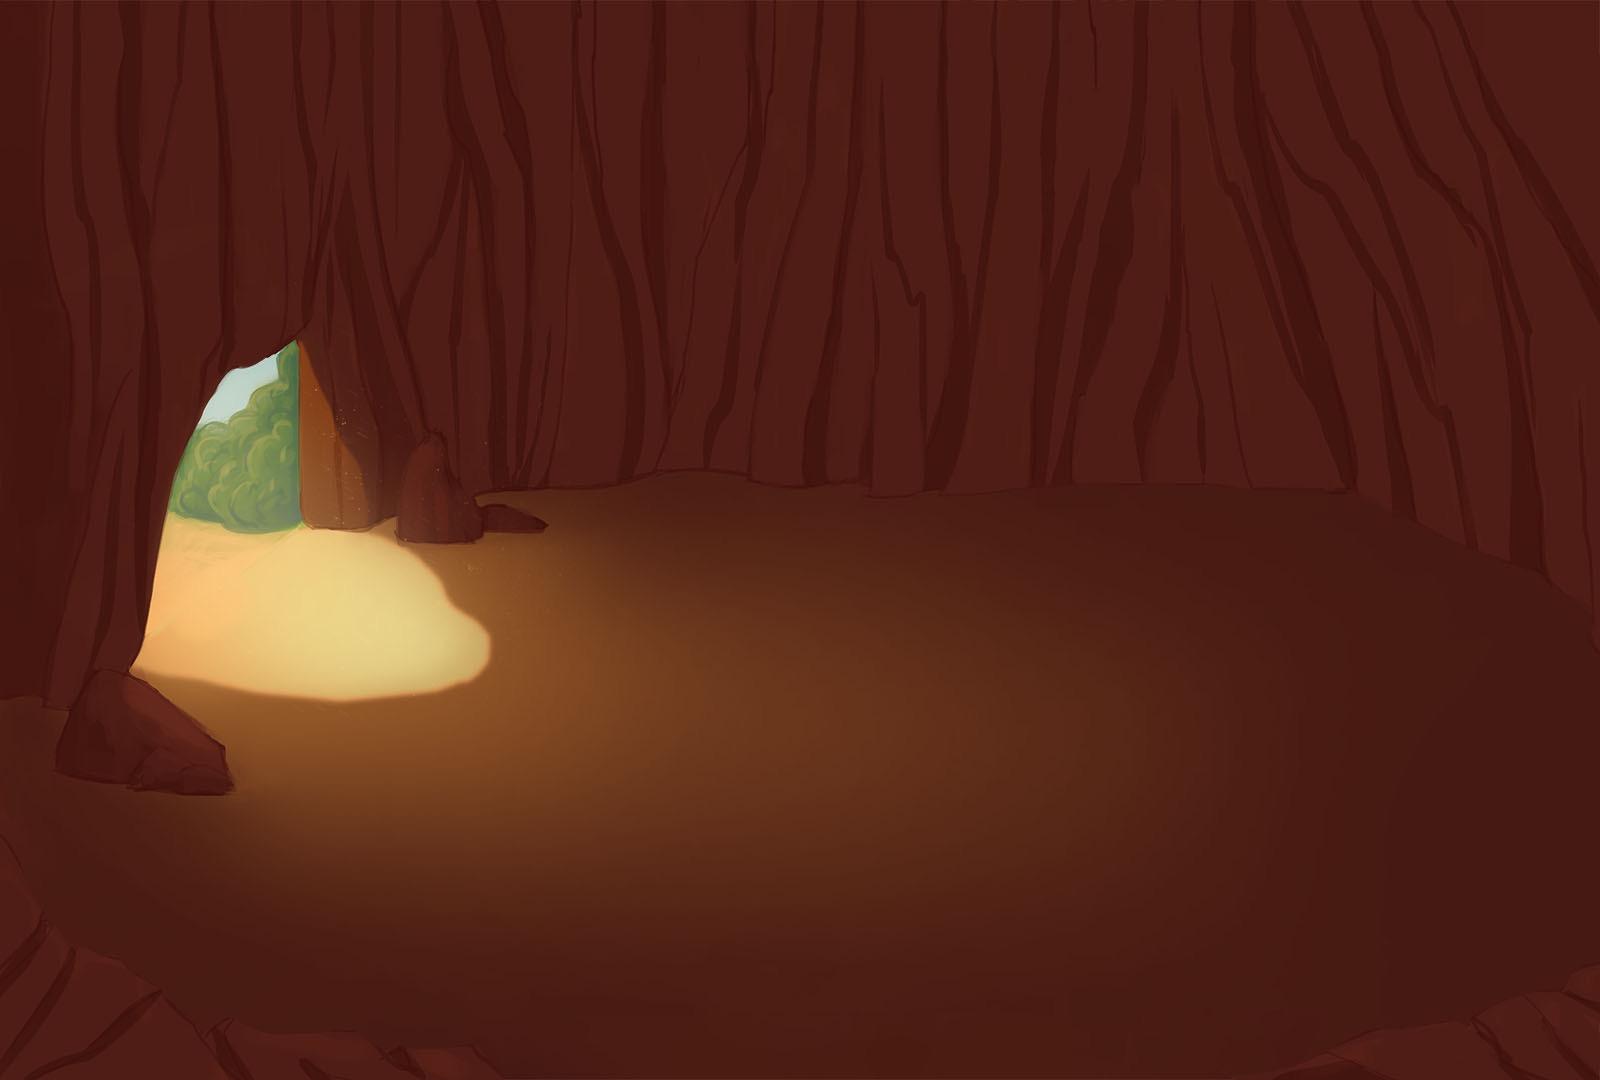 Начальный фон локации Пещера | Продолжается набор в команду для разработки игры «Нирмита»: 2D Survival RPG в стиле Fantasy